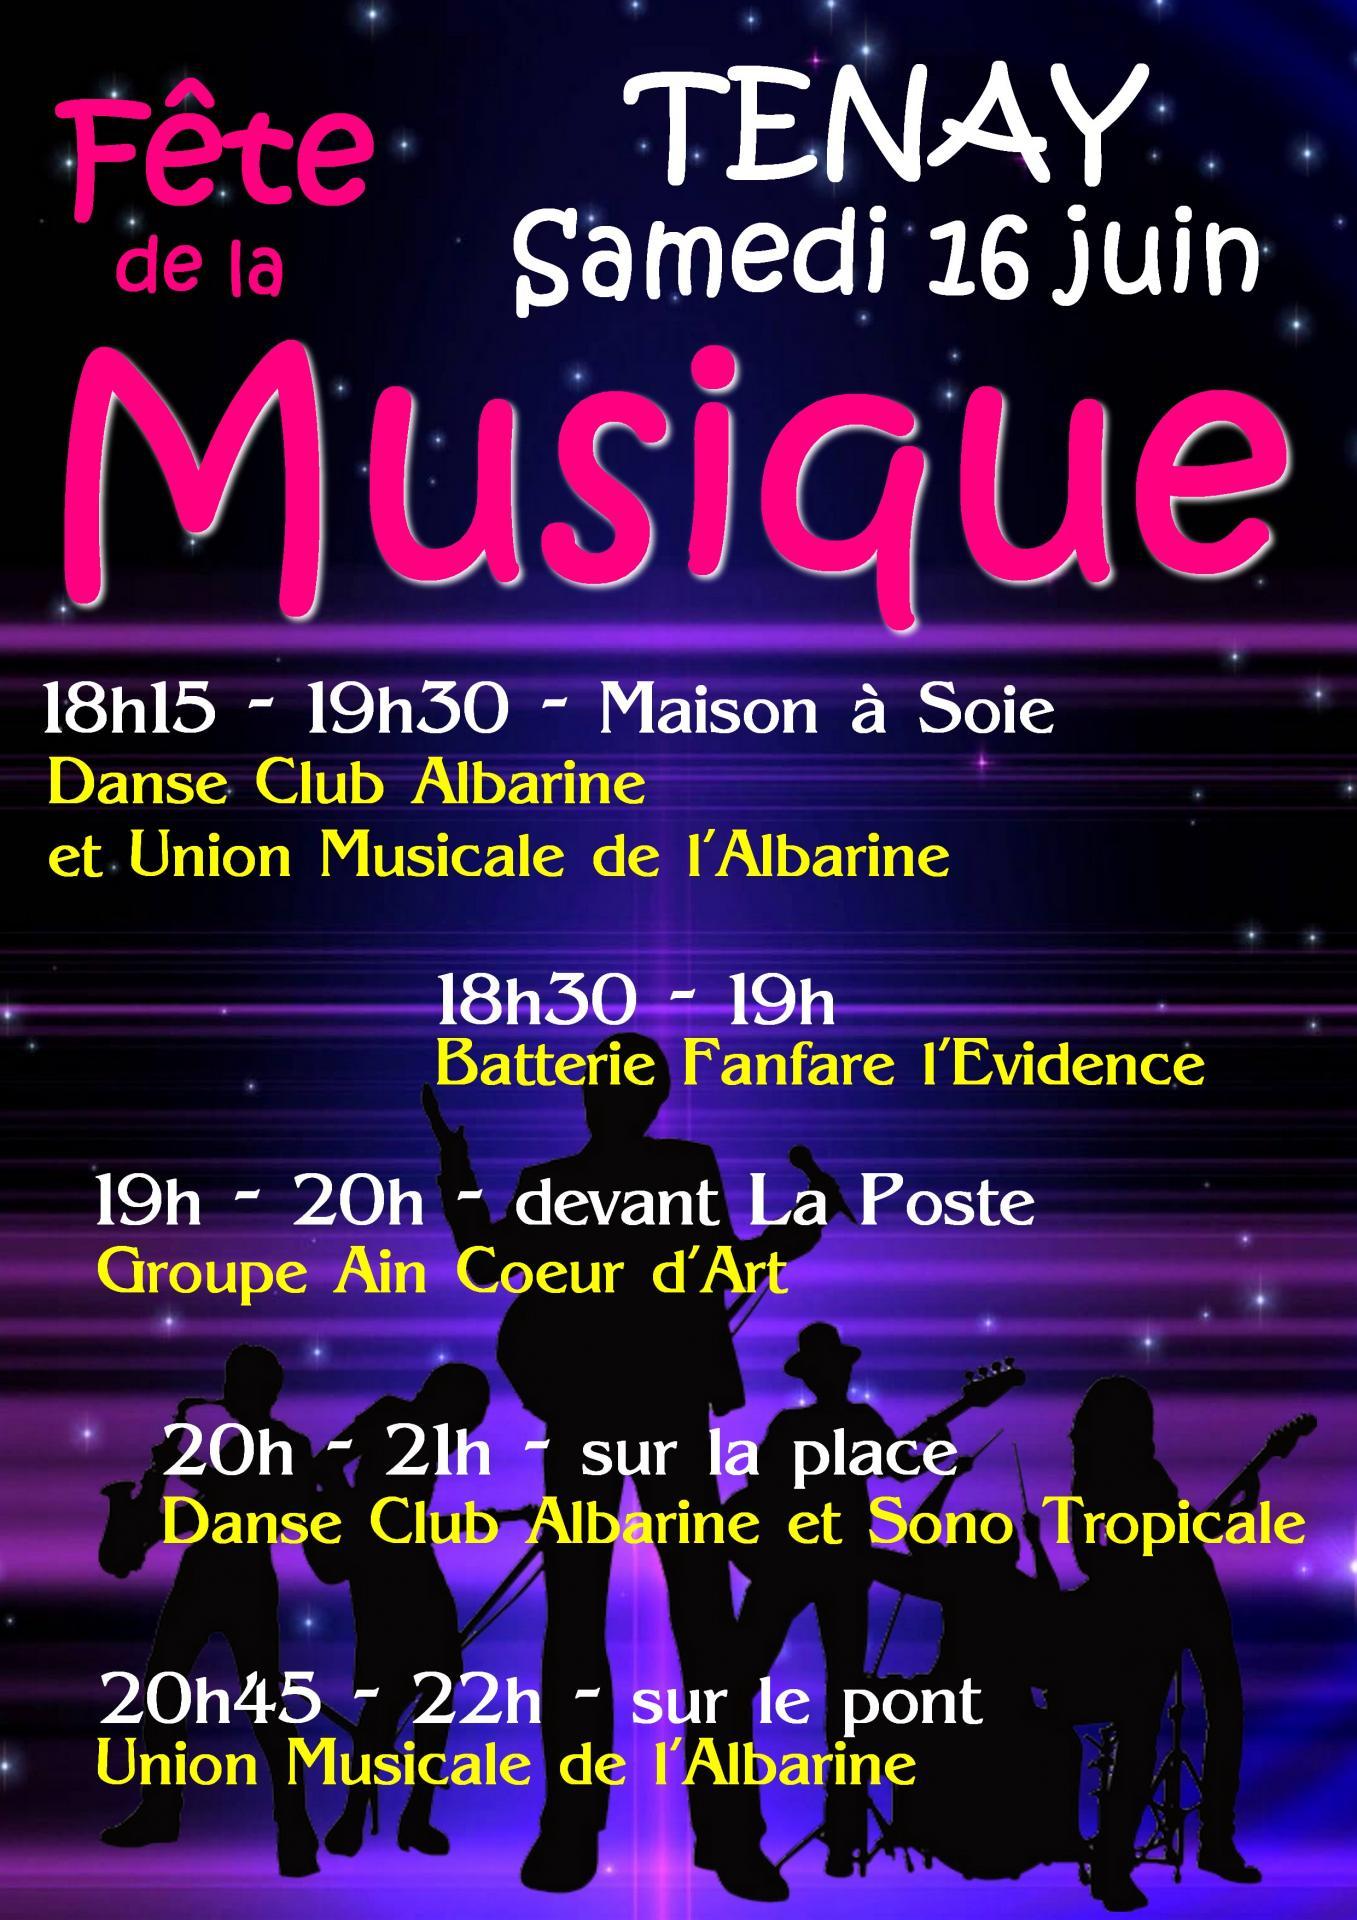 Affiche fete musique 16 06 18